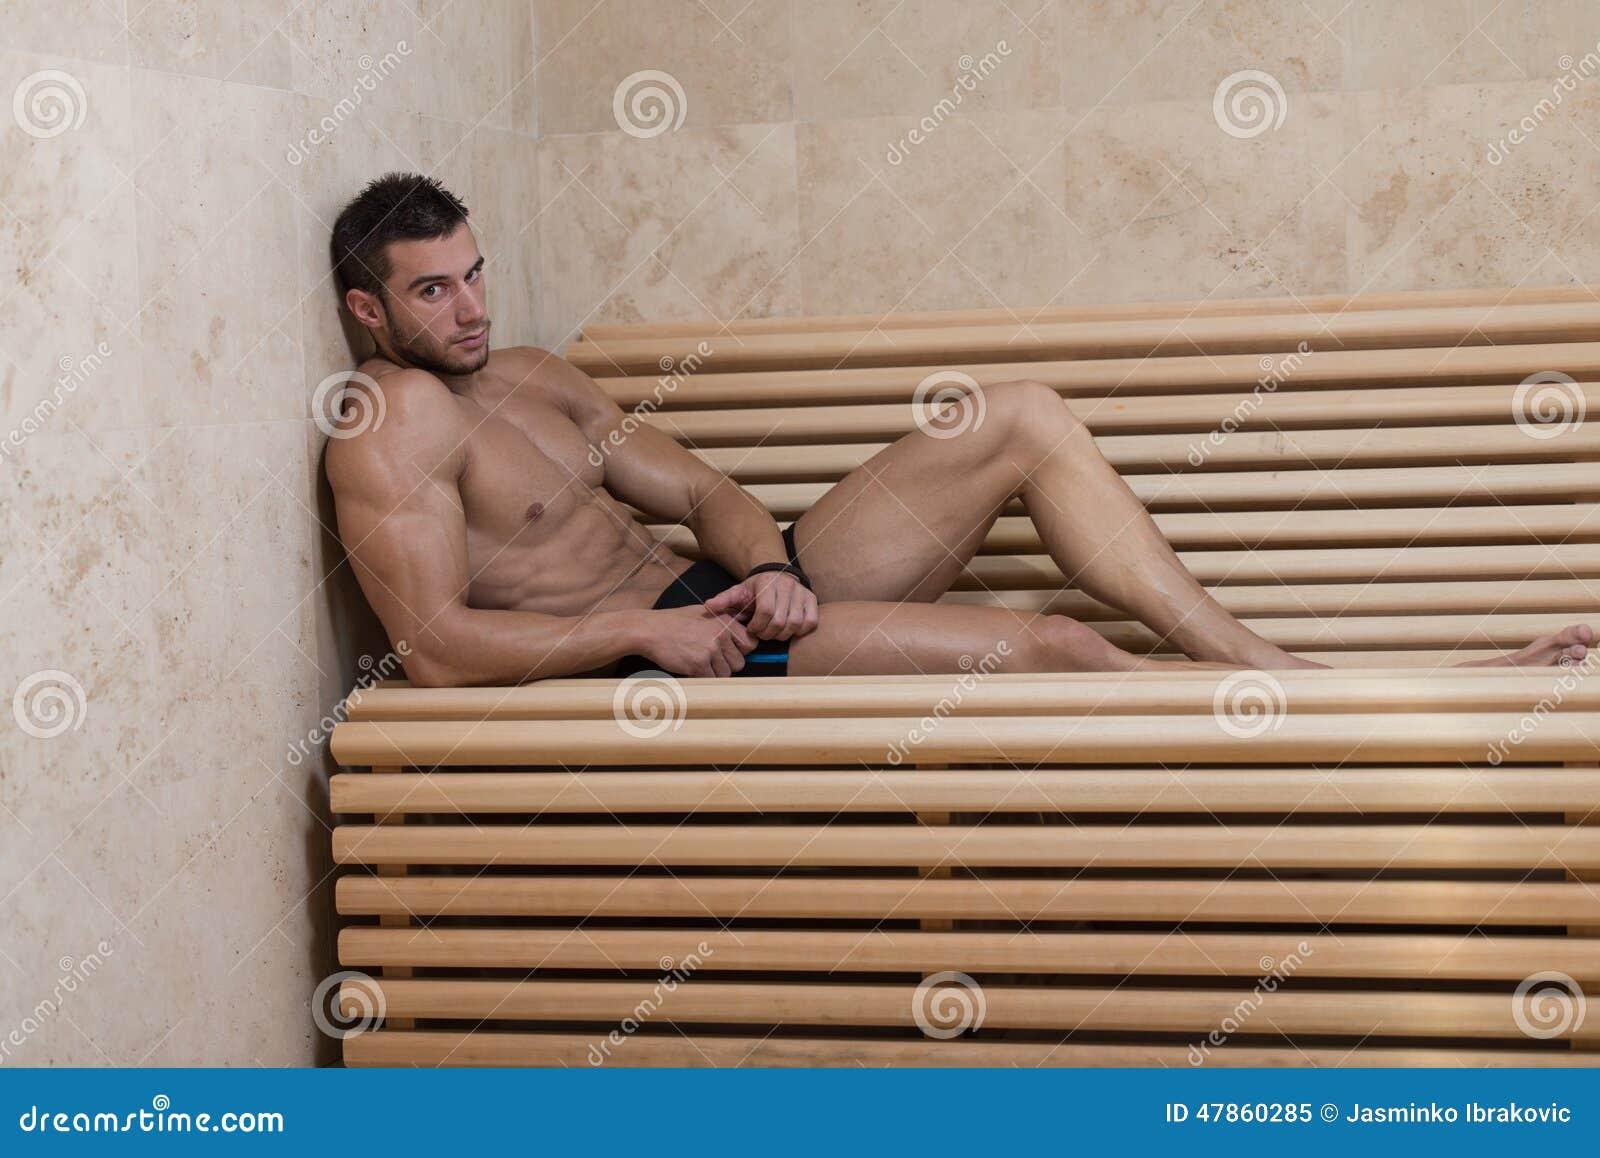 sauna männer nackt